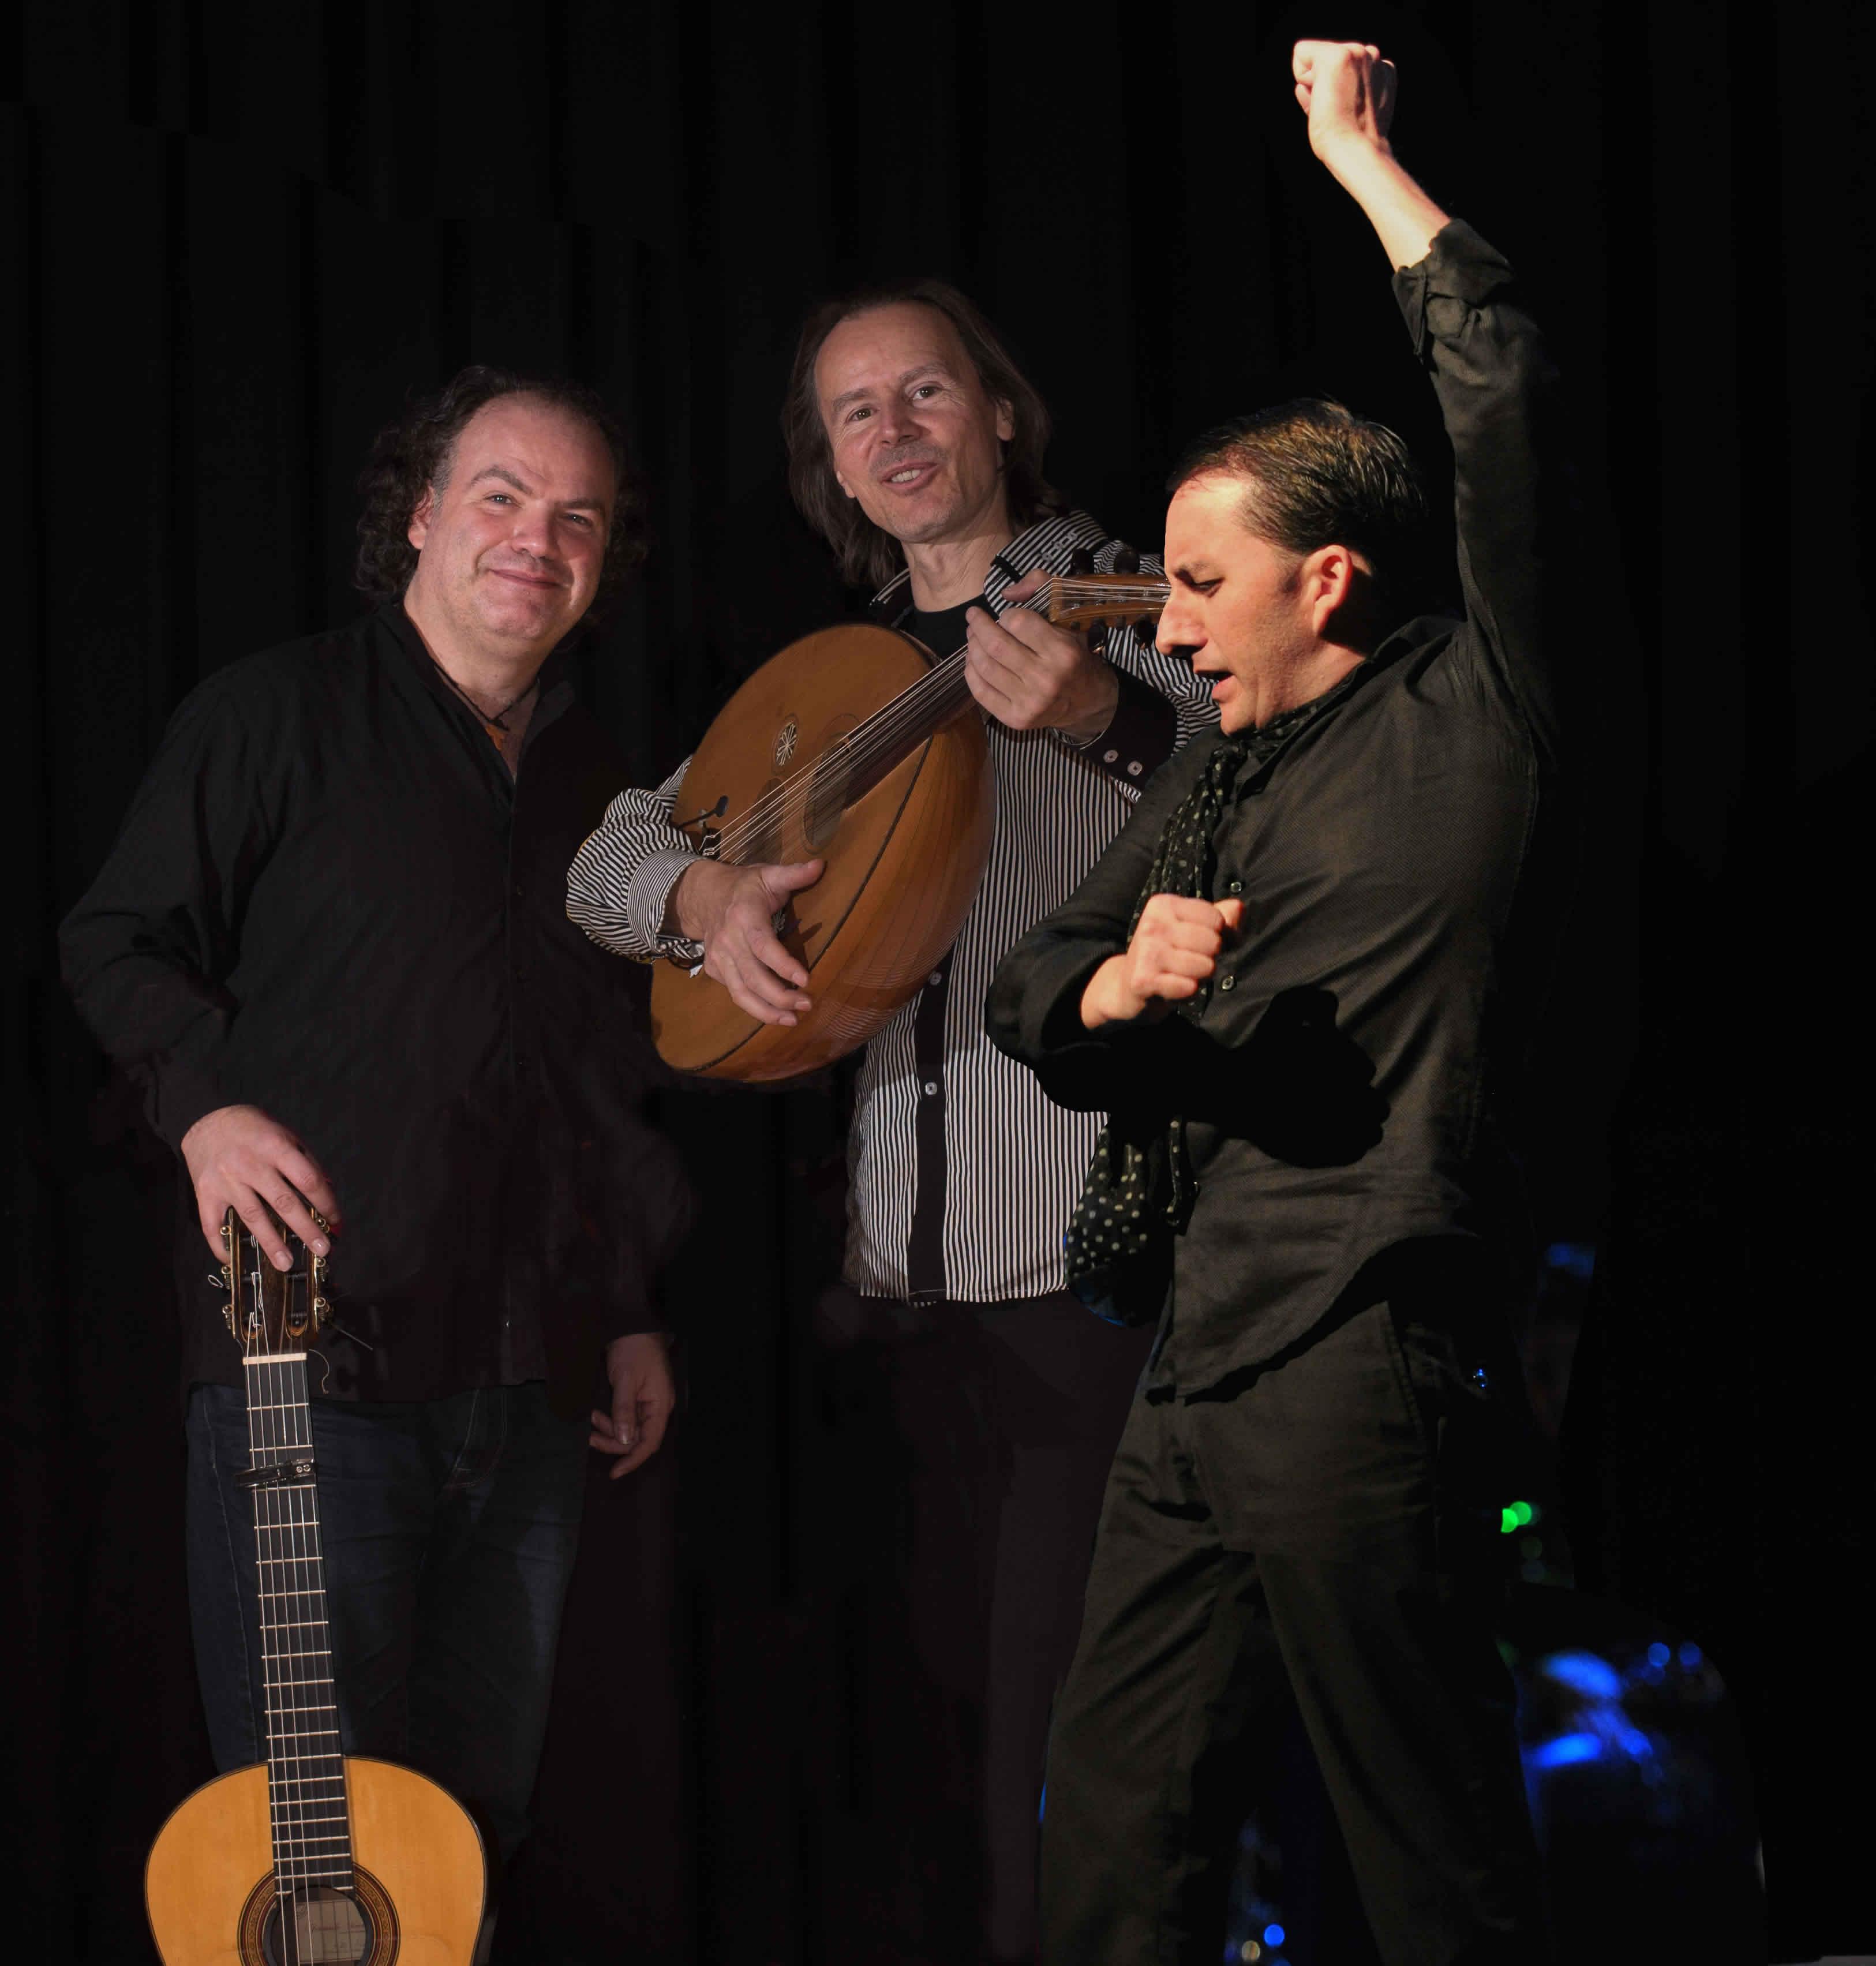 Ssassa Flamenco-Jorge_Miguel_1280_sm1_rgb